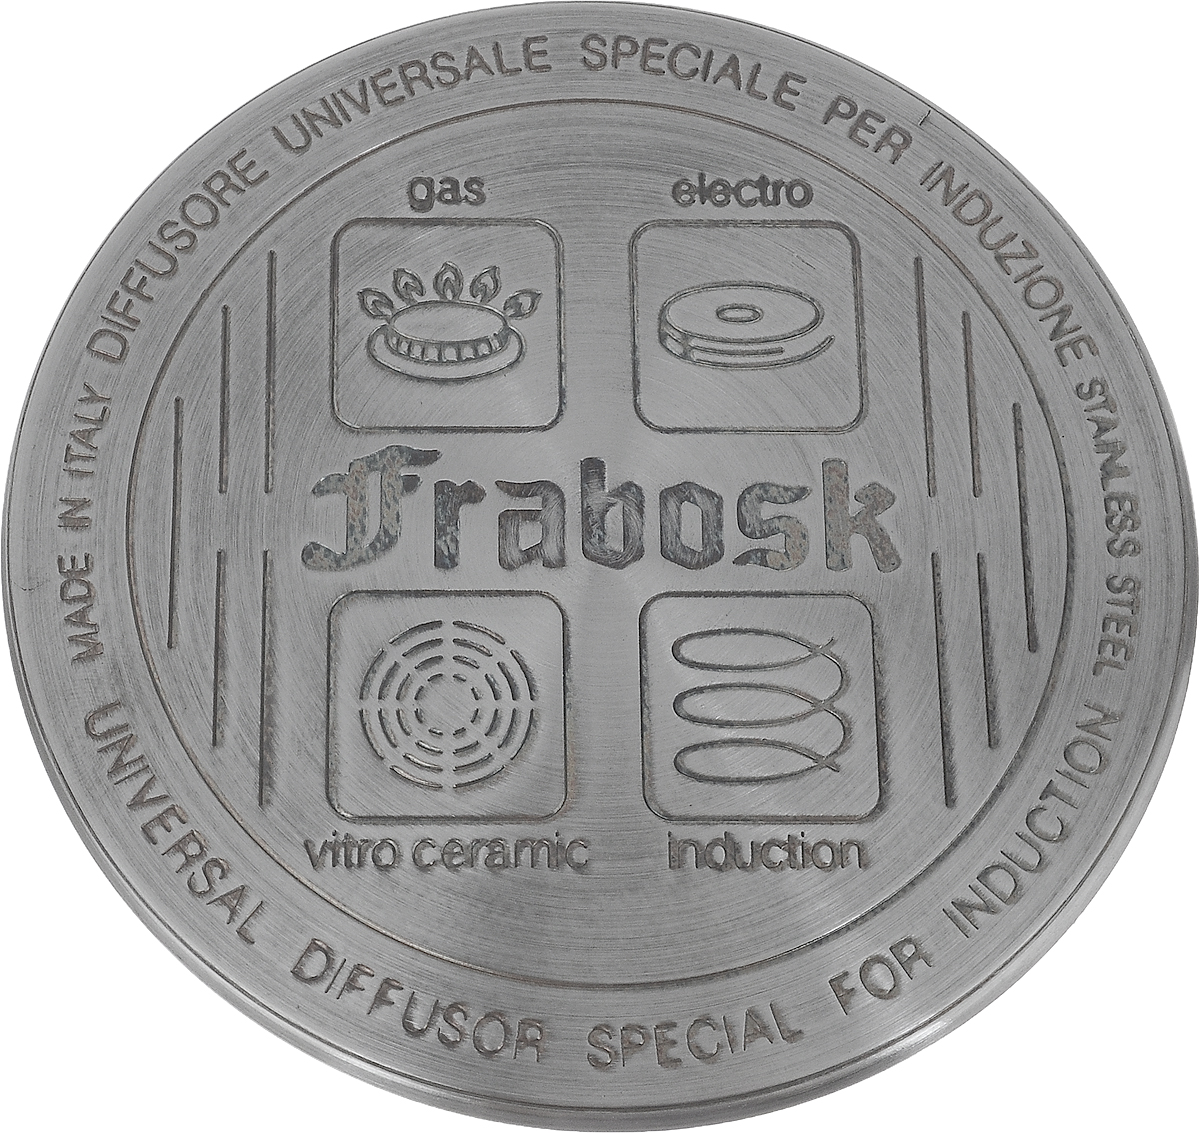 Диск для индукционных плит Frabosk, диаметр 12 см диск frabosk д индукционных плит 12см нерж сталь